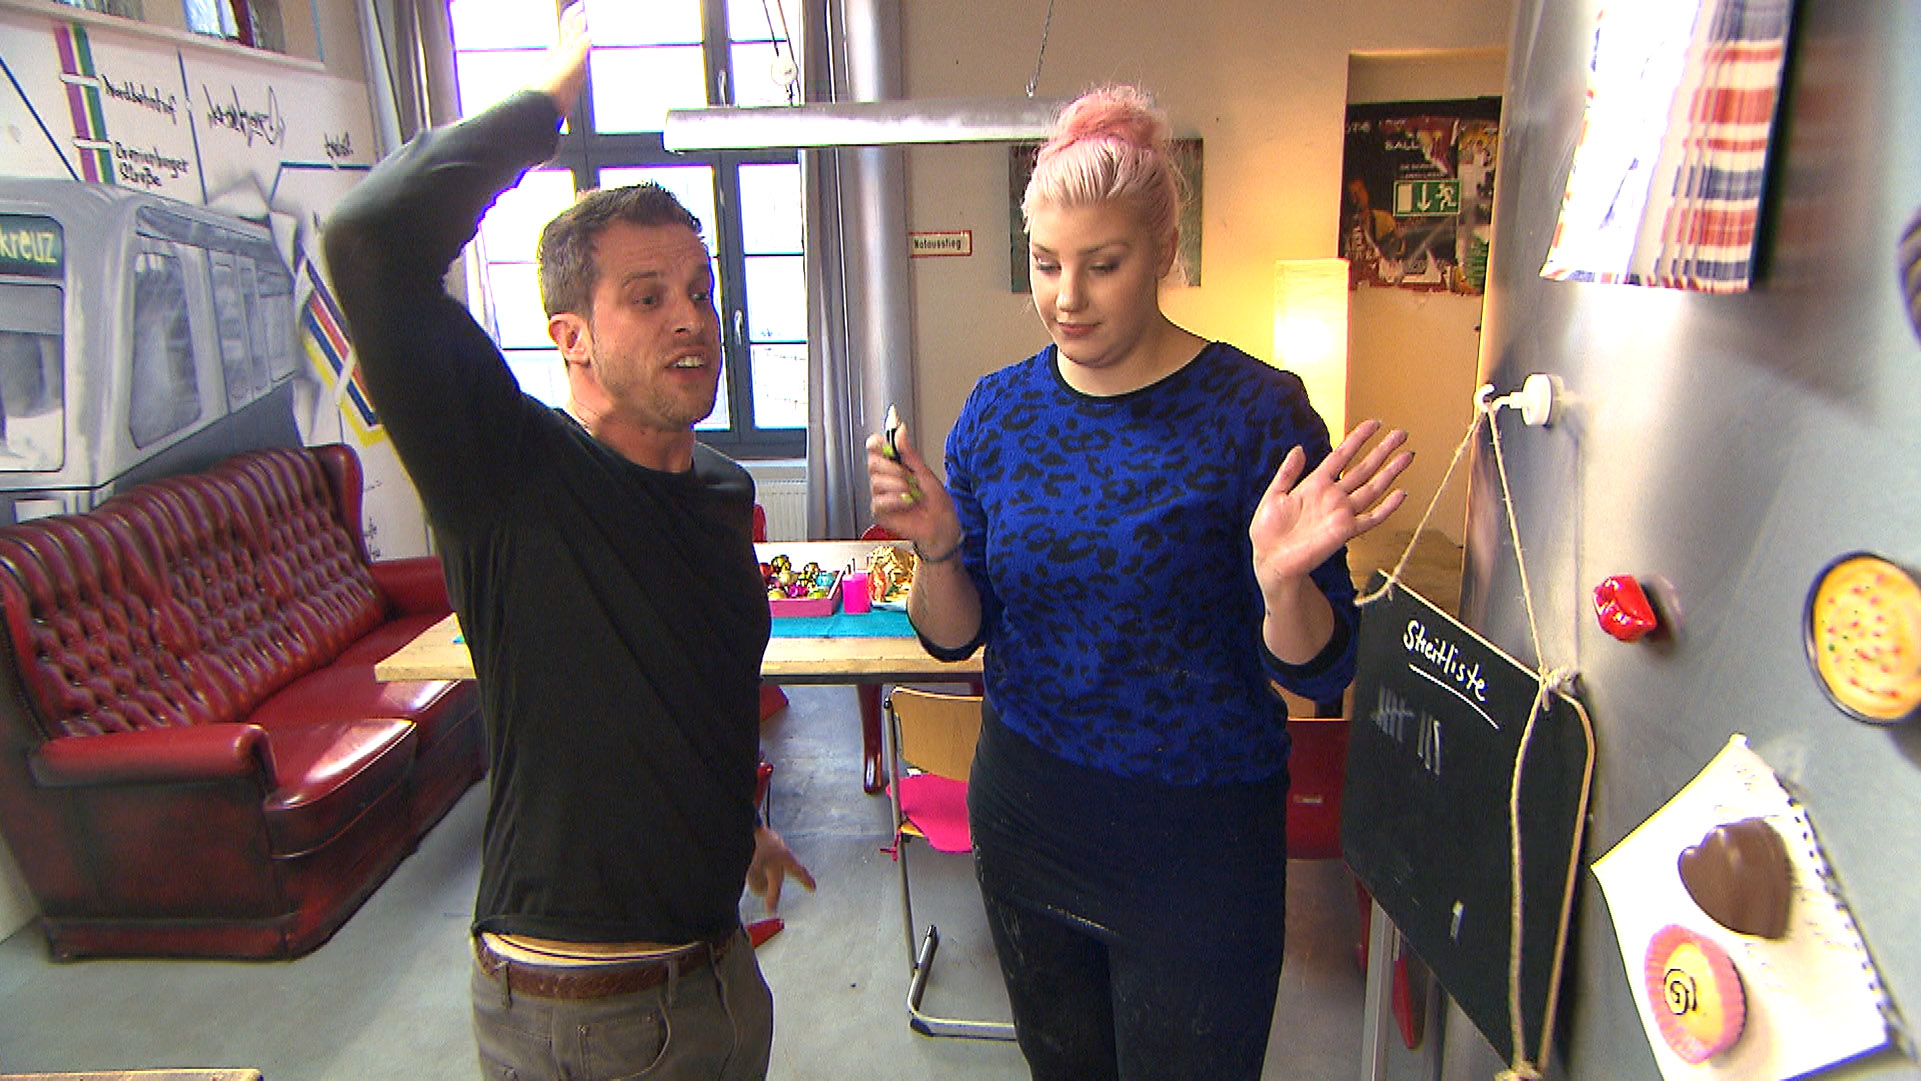 Basti versucht Paula aus dem Weg zu gehen und cancelt einen gemeinsamen Tag mit der Ausrede, arbeiten zu müssen. (Quelle: RTL 2)